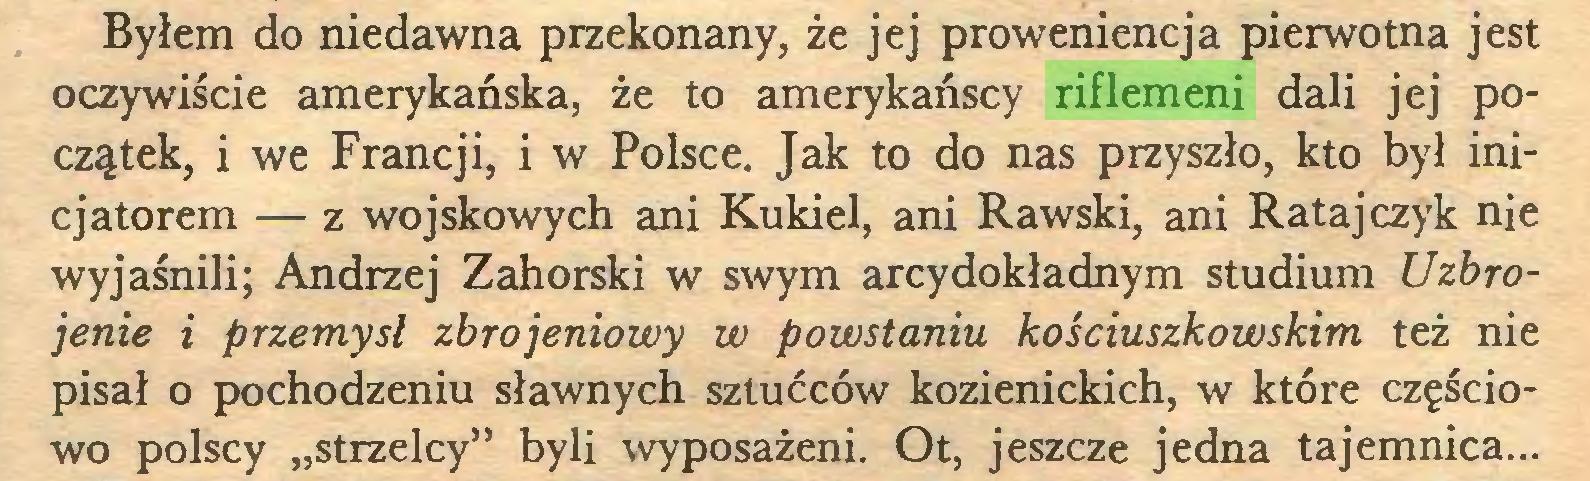 """(...) Byłem do niedawna przekonany, że jej proweniencja pierwotna jest oczywiście amerykańska, że to amerykańscy riflemeni dali jej początek, i we Francji, i w Polsce. Jak to do nas przyszło, kto był inicjatorem — z wojskowych ani Kukieł, ani Rawski, ani Ratajczyk nie wyjaśnili; Andrzej Zahorski w swym arcydokładnym studium Uzbrojenie i przemysł zbrojeniowy w powstaniu kościuszkowskim też nie pisał o pochodzeniu sławnych sztućców kozienickich, w które częściowo polscy """"strzelcy"""" byli wyposażeni. Ot, jeszcze jedna tajemnica..."""